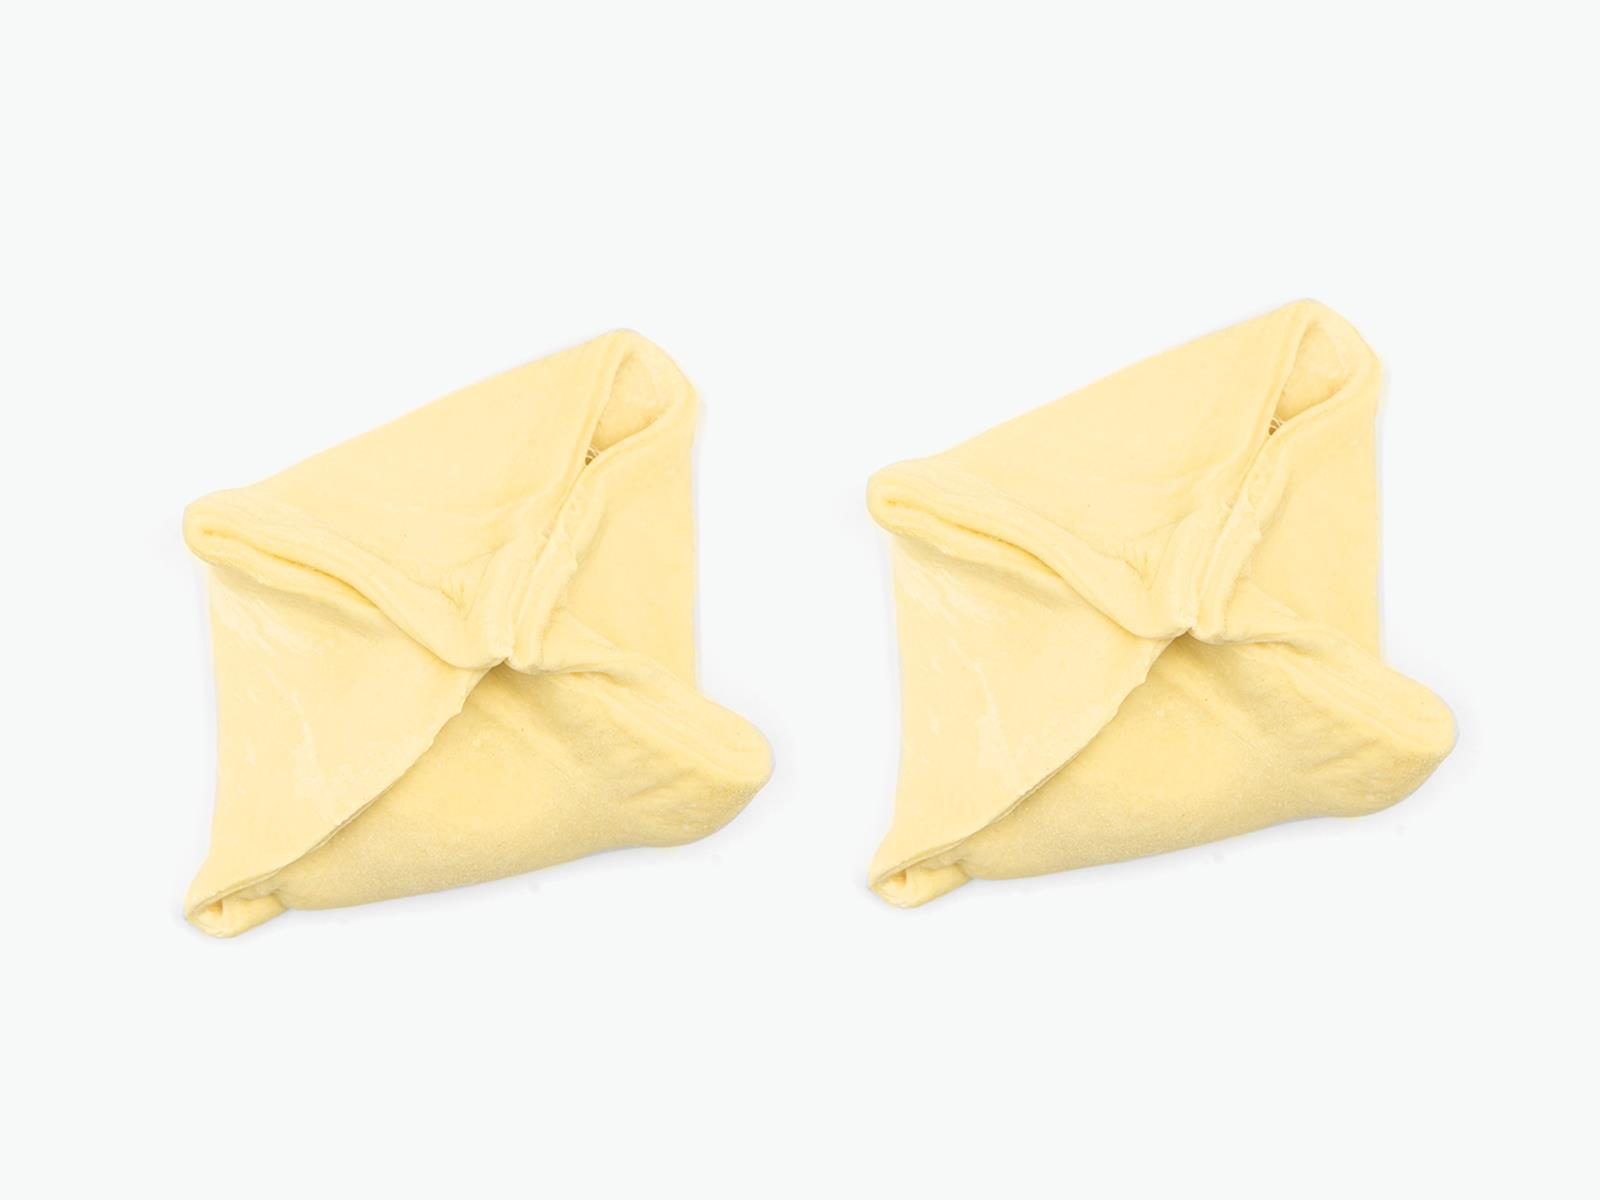 Турнель с сыром и ветчиной зам (2 шт) 280 г